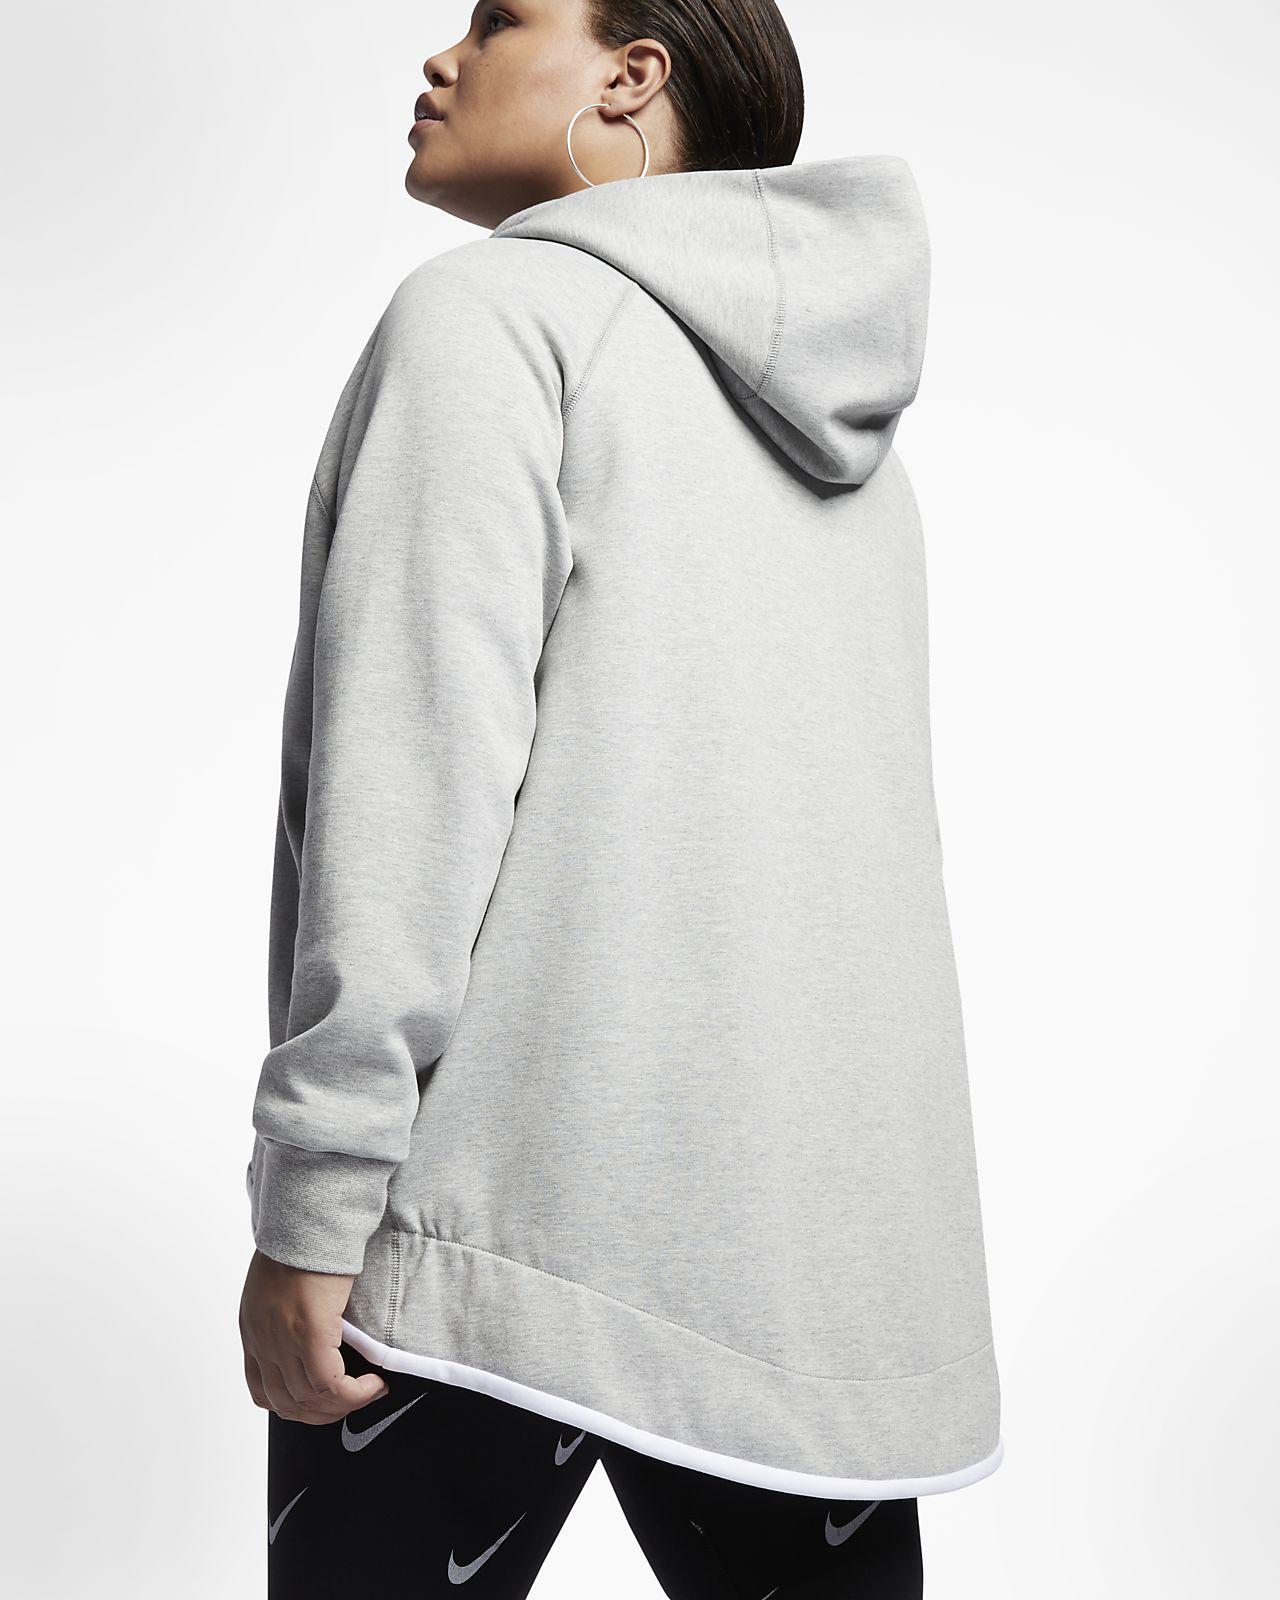 Plus Size Women'S Nike Sportswear Tech Fleece Cape Jacket